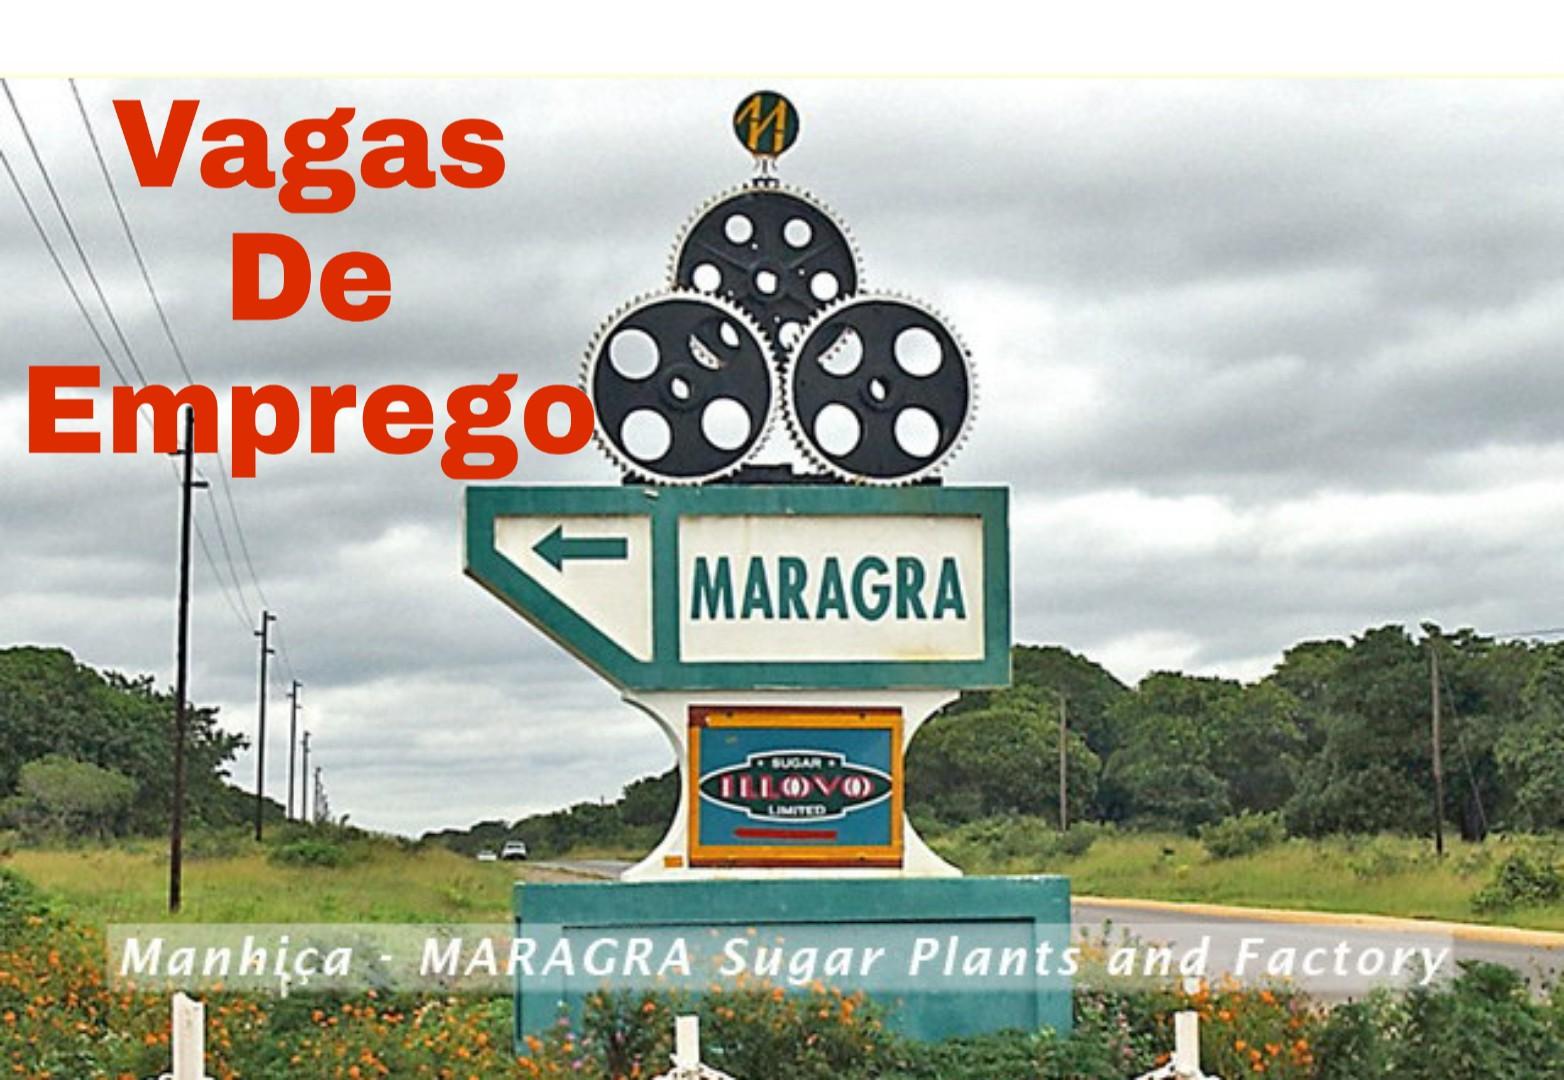 Sovagasmoz - Emprego na Maragra SA